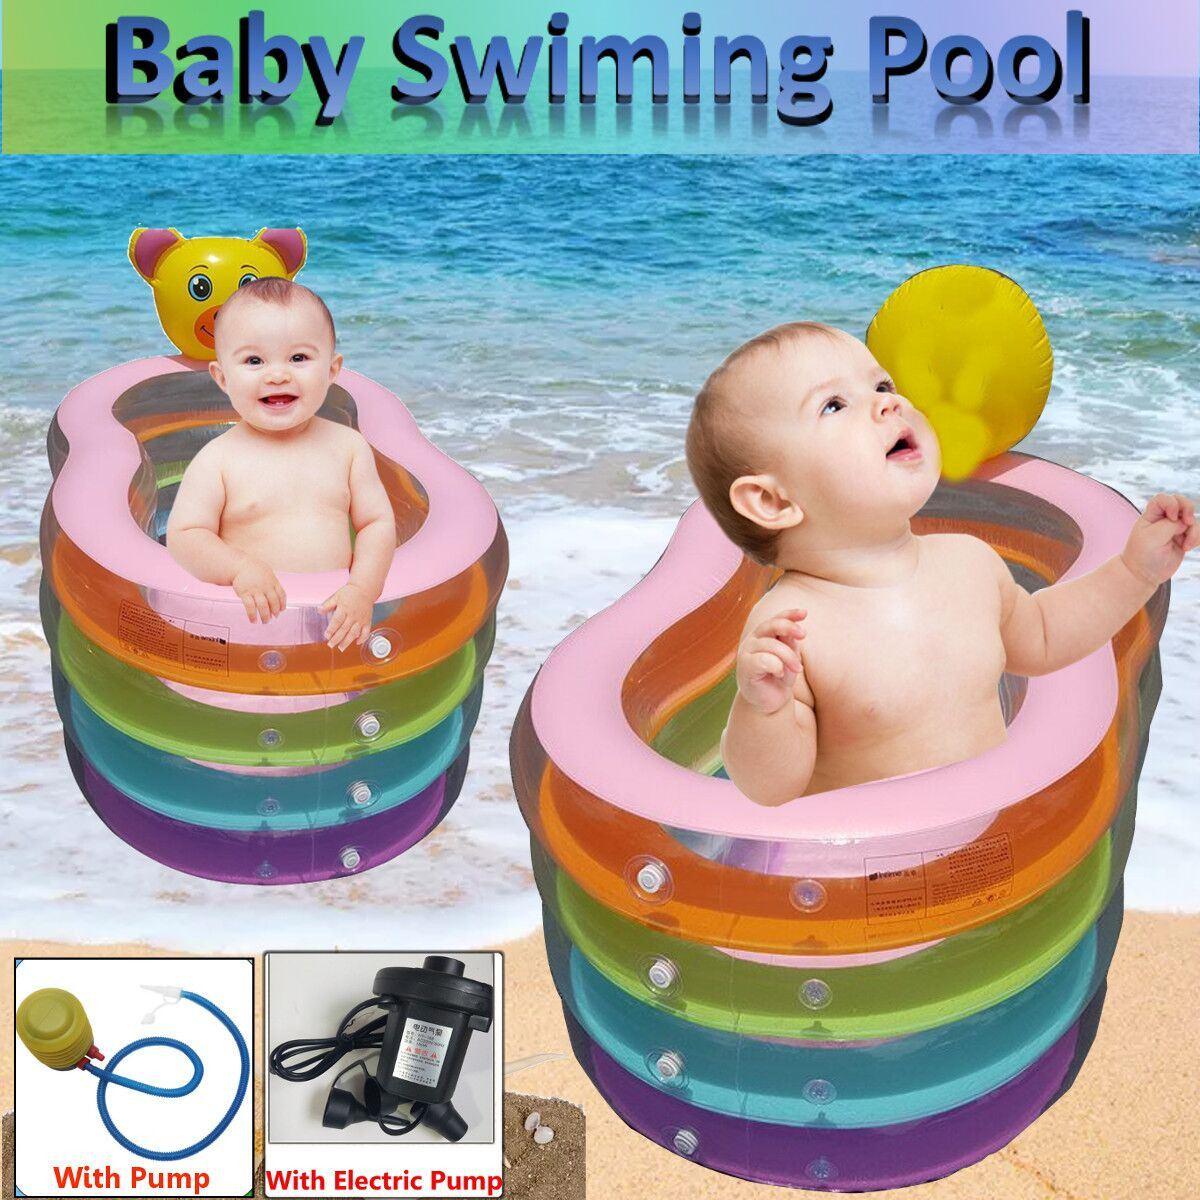 156 cm enfants baignoire bébé usage domestique pataugeoire gonflable mignon piscine enfants piscine gonflable livraison gratuite